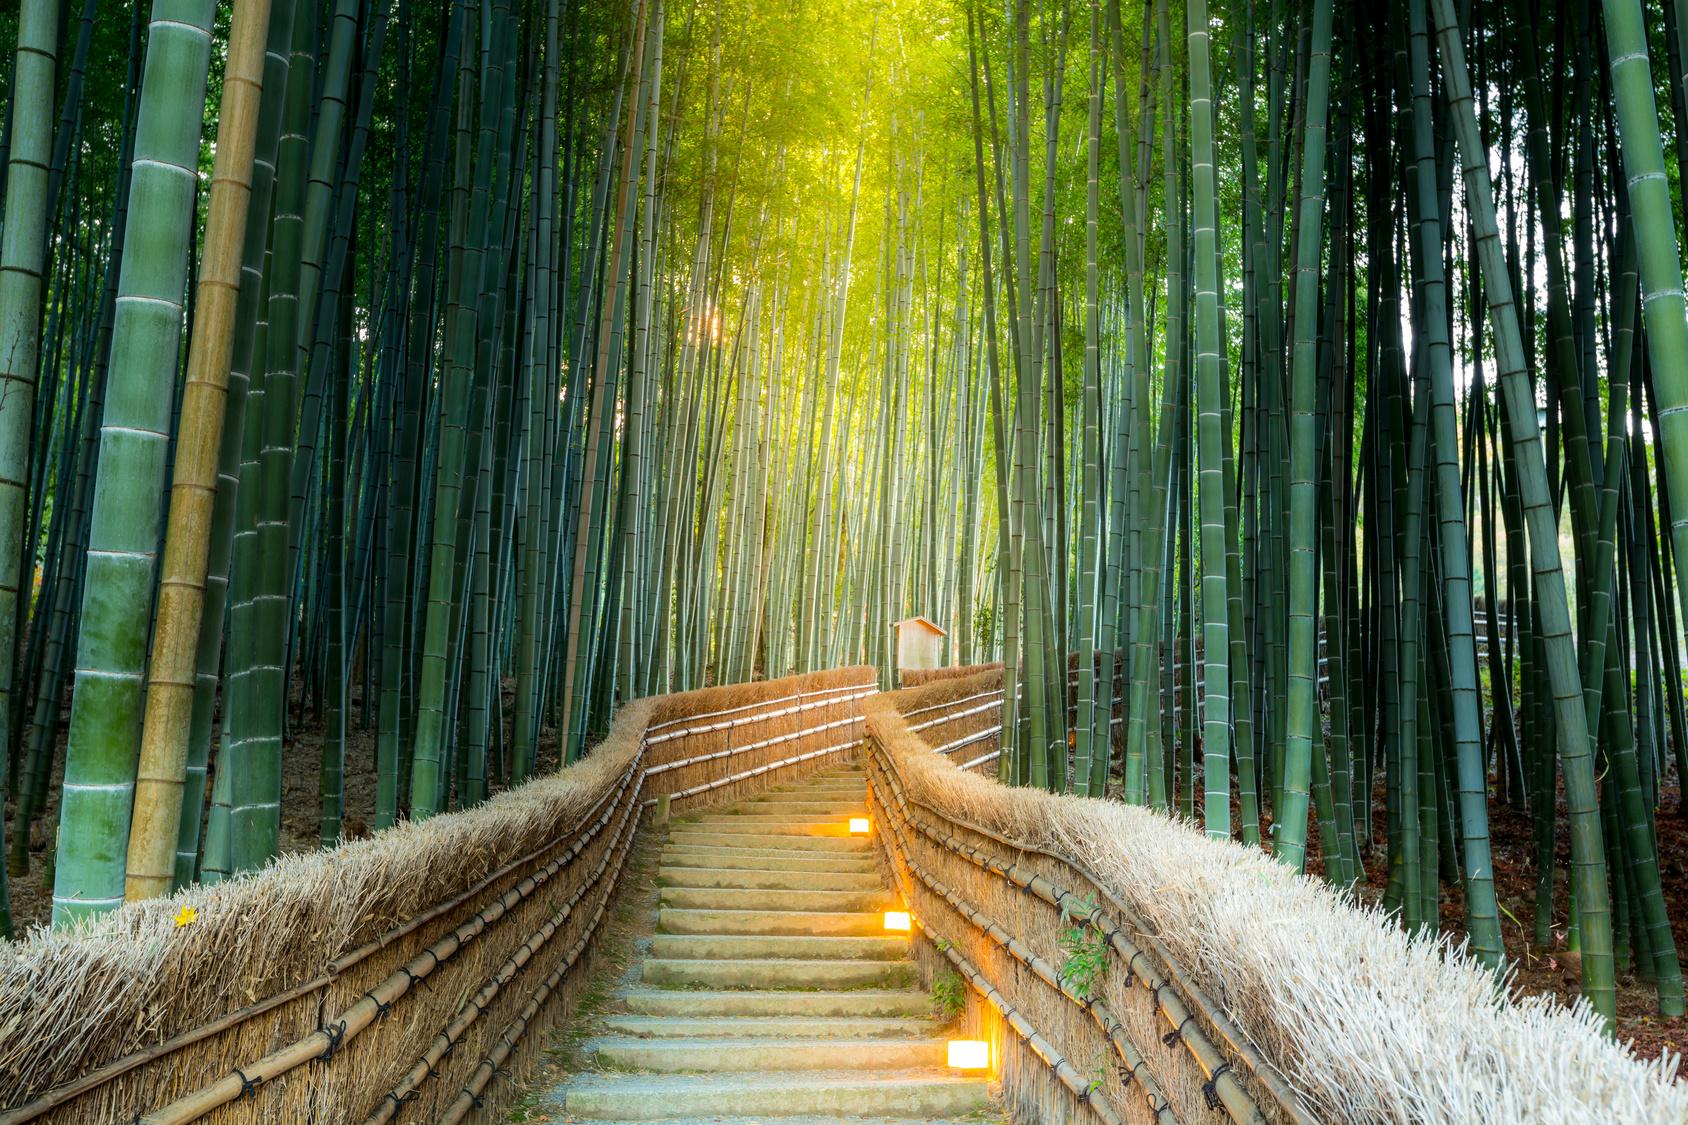 想翻山越岭去这些美丽的大森林打卡图片